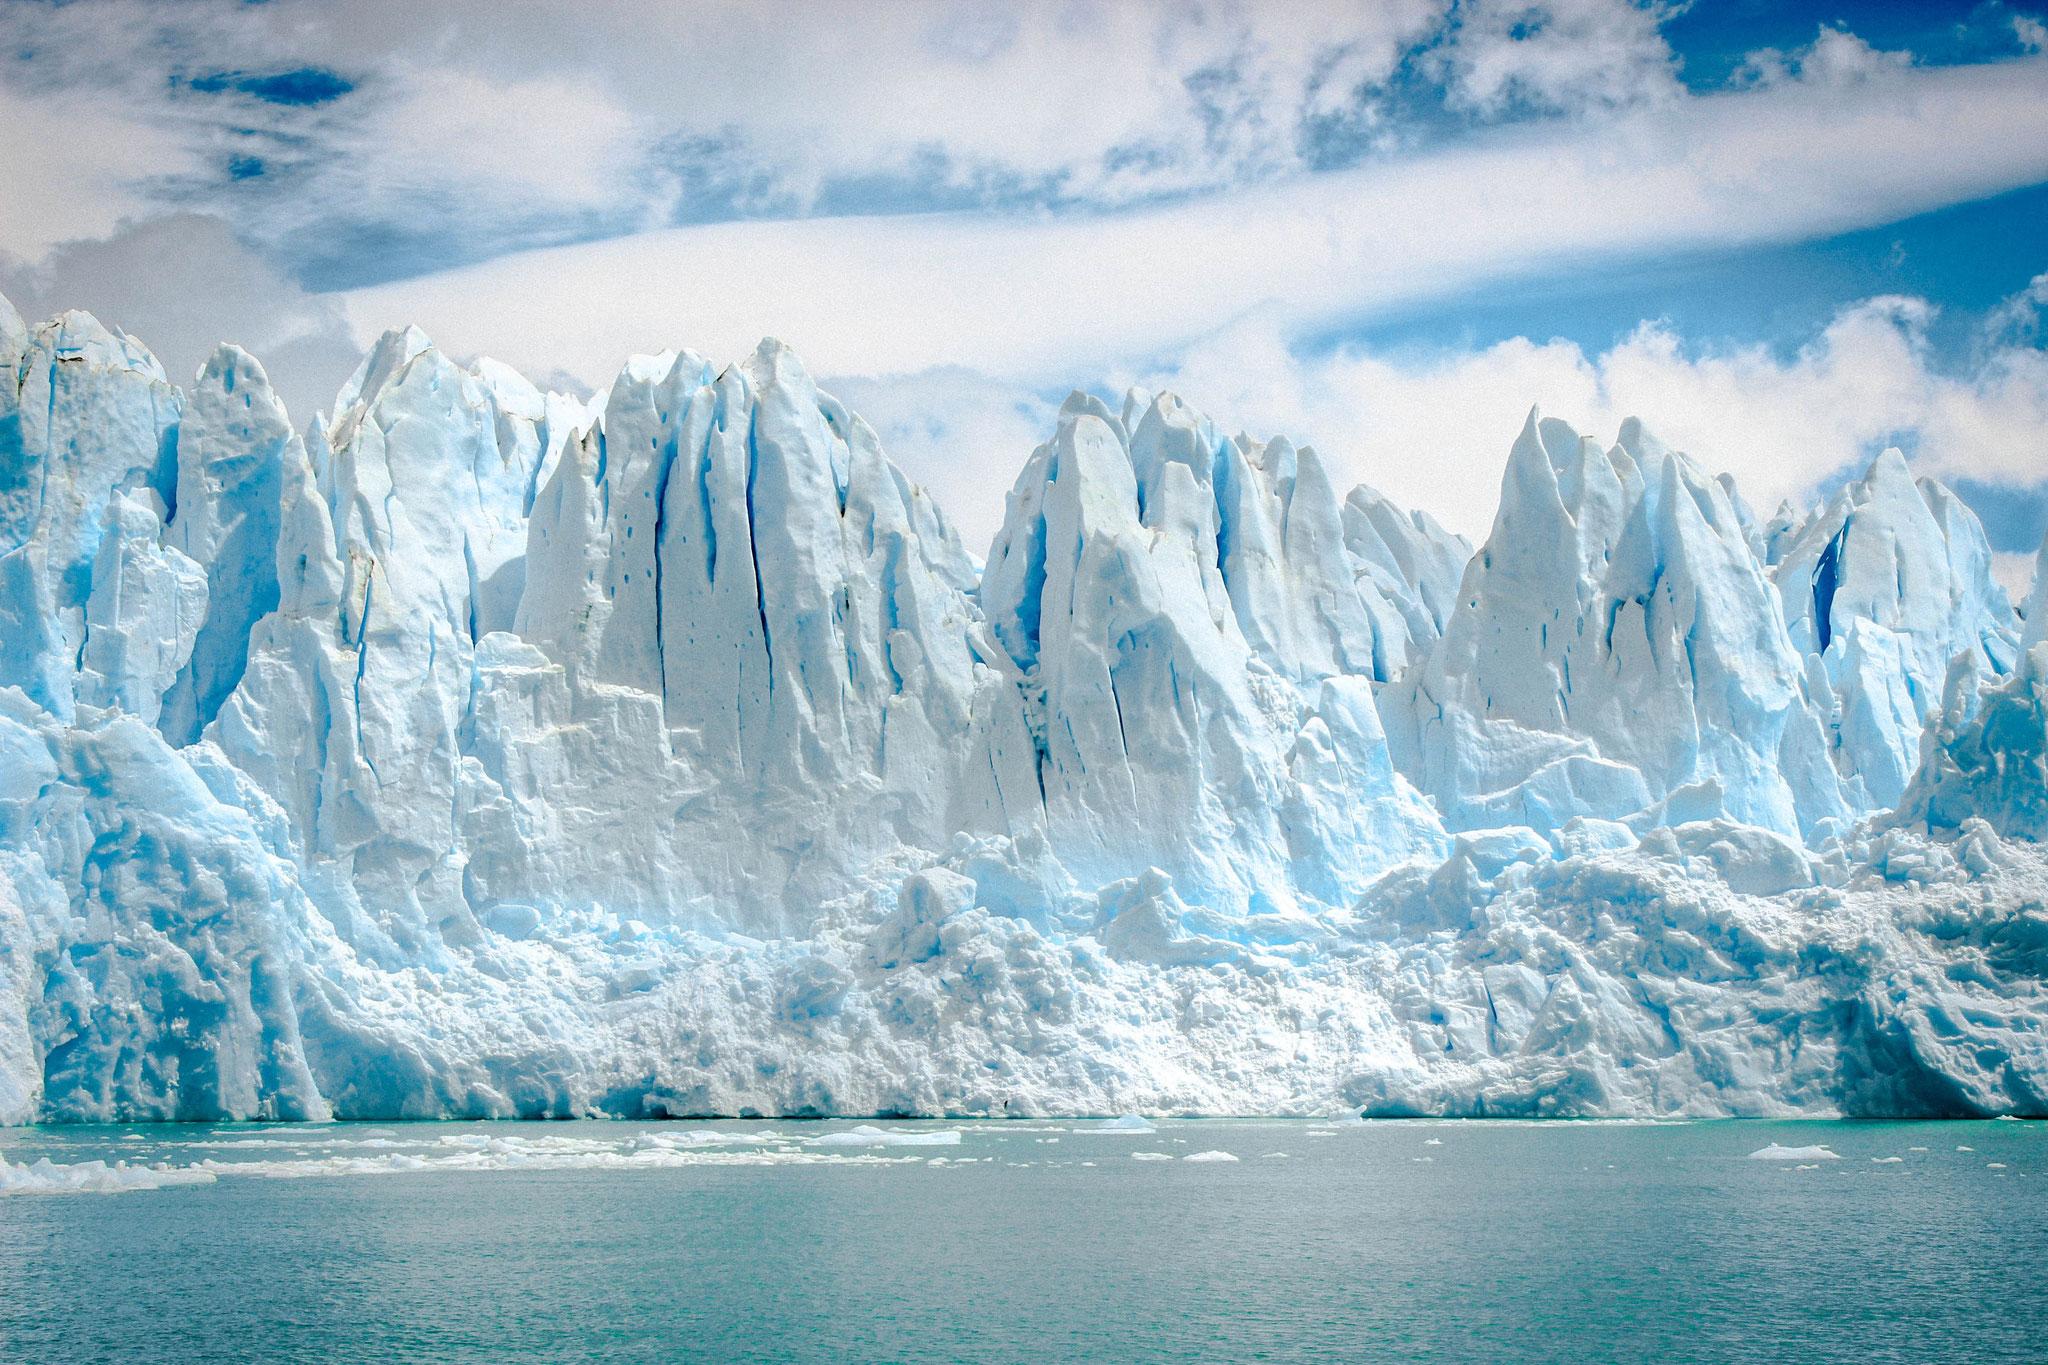 Wenn Grönland und die Antarktis schmelzen, steigt der Meeresspiegel